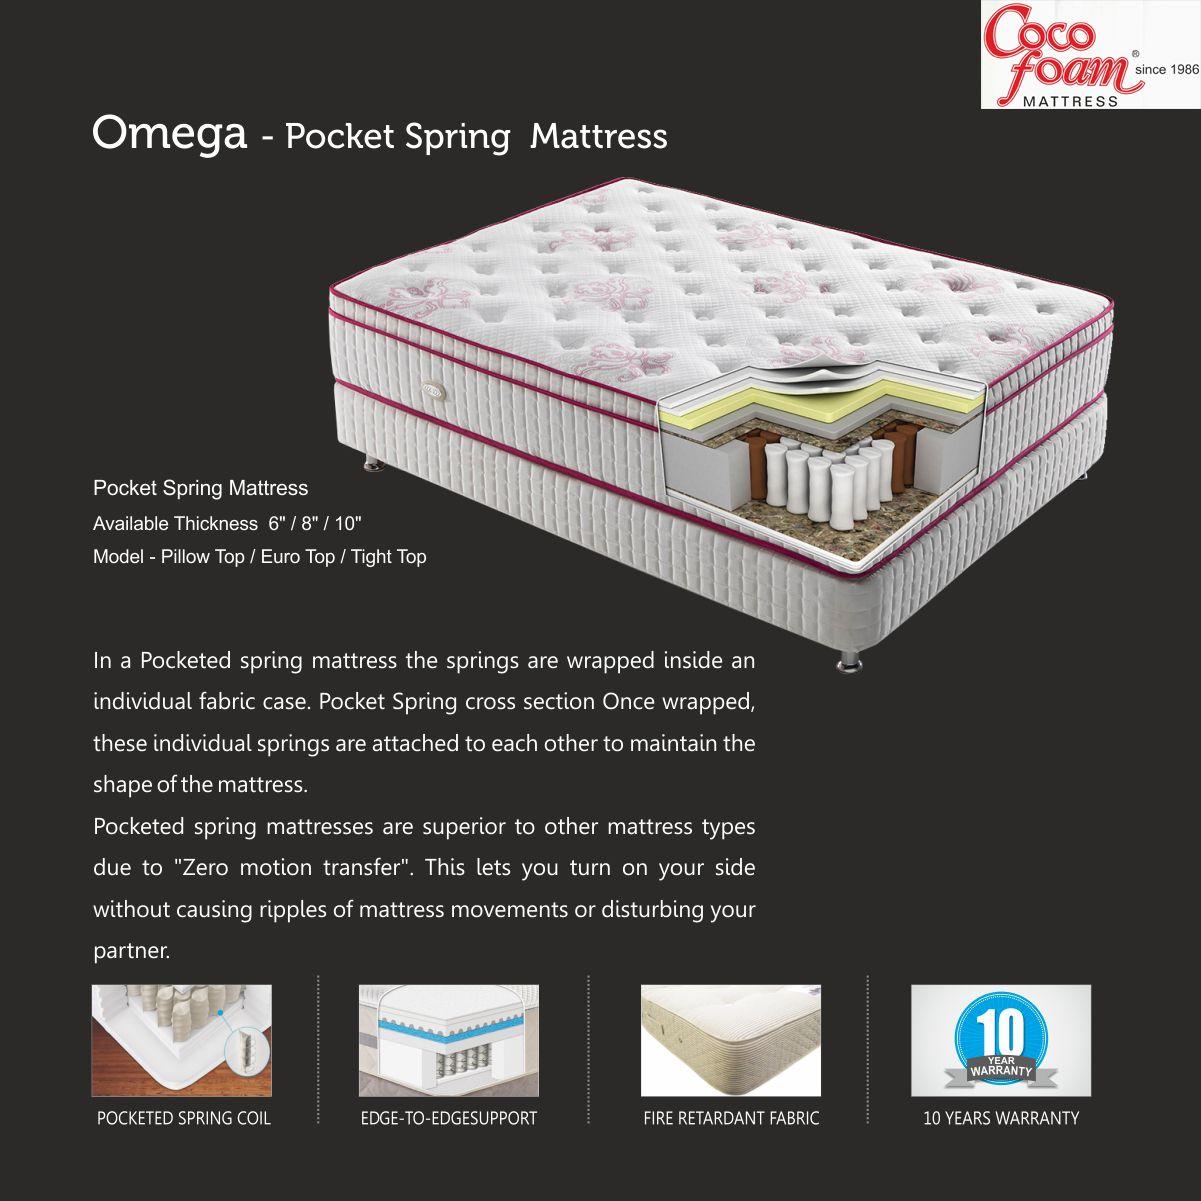 Omega Pocket Spring Mattress Pocket Spring Mattress Available